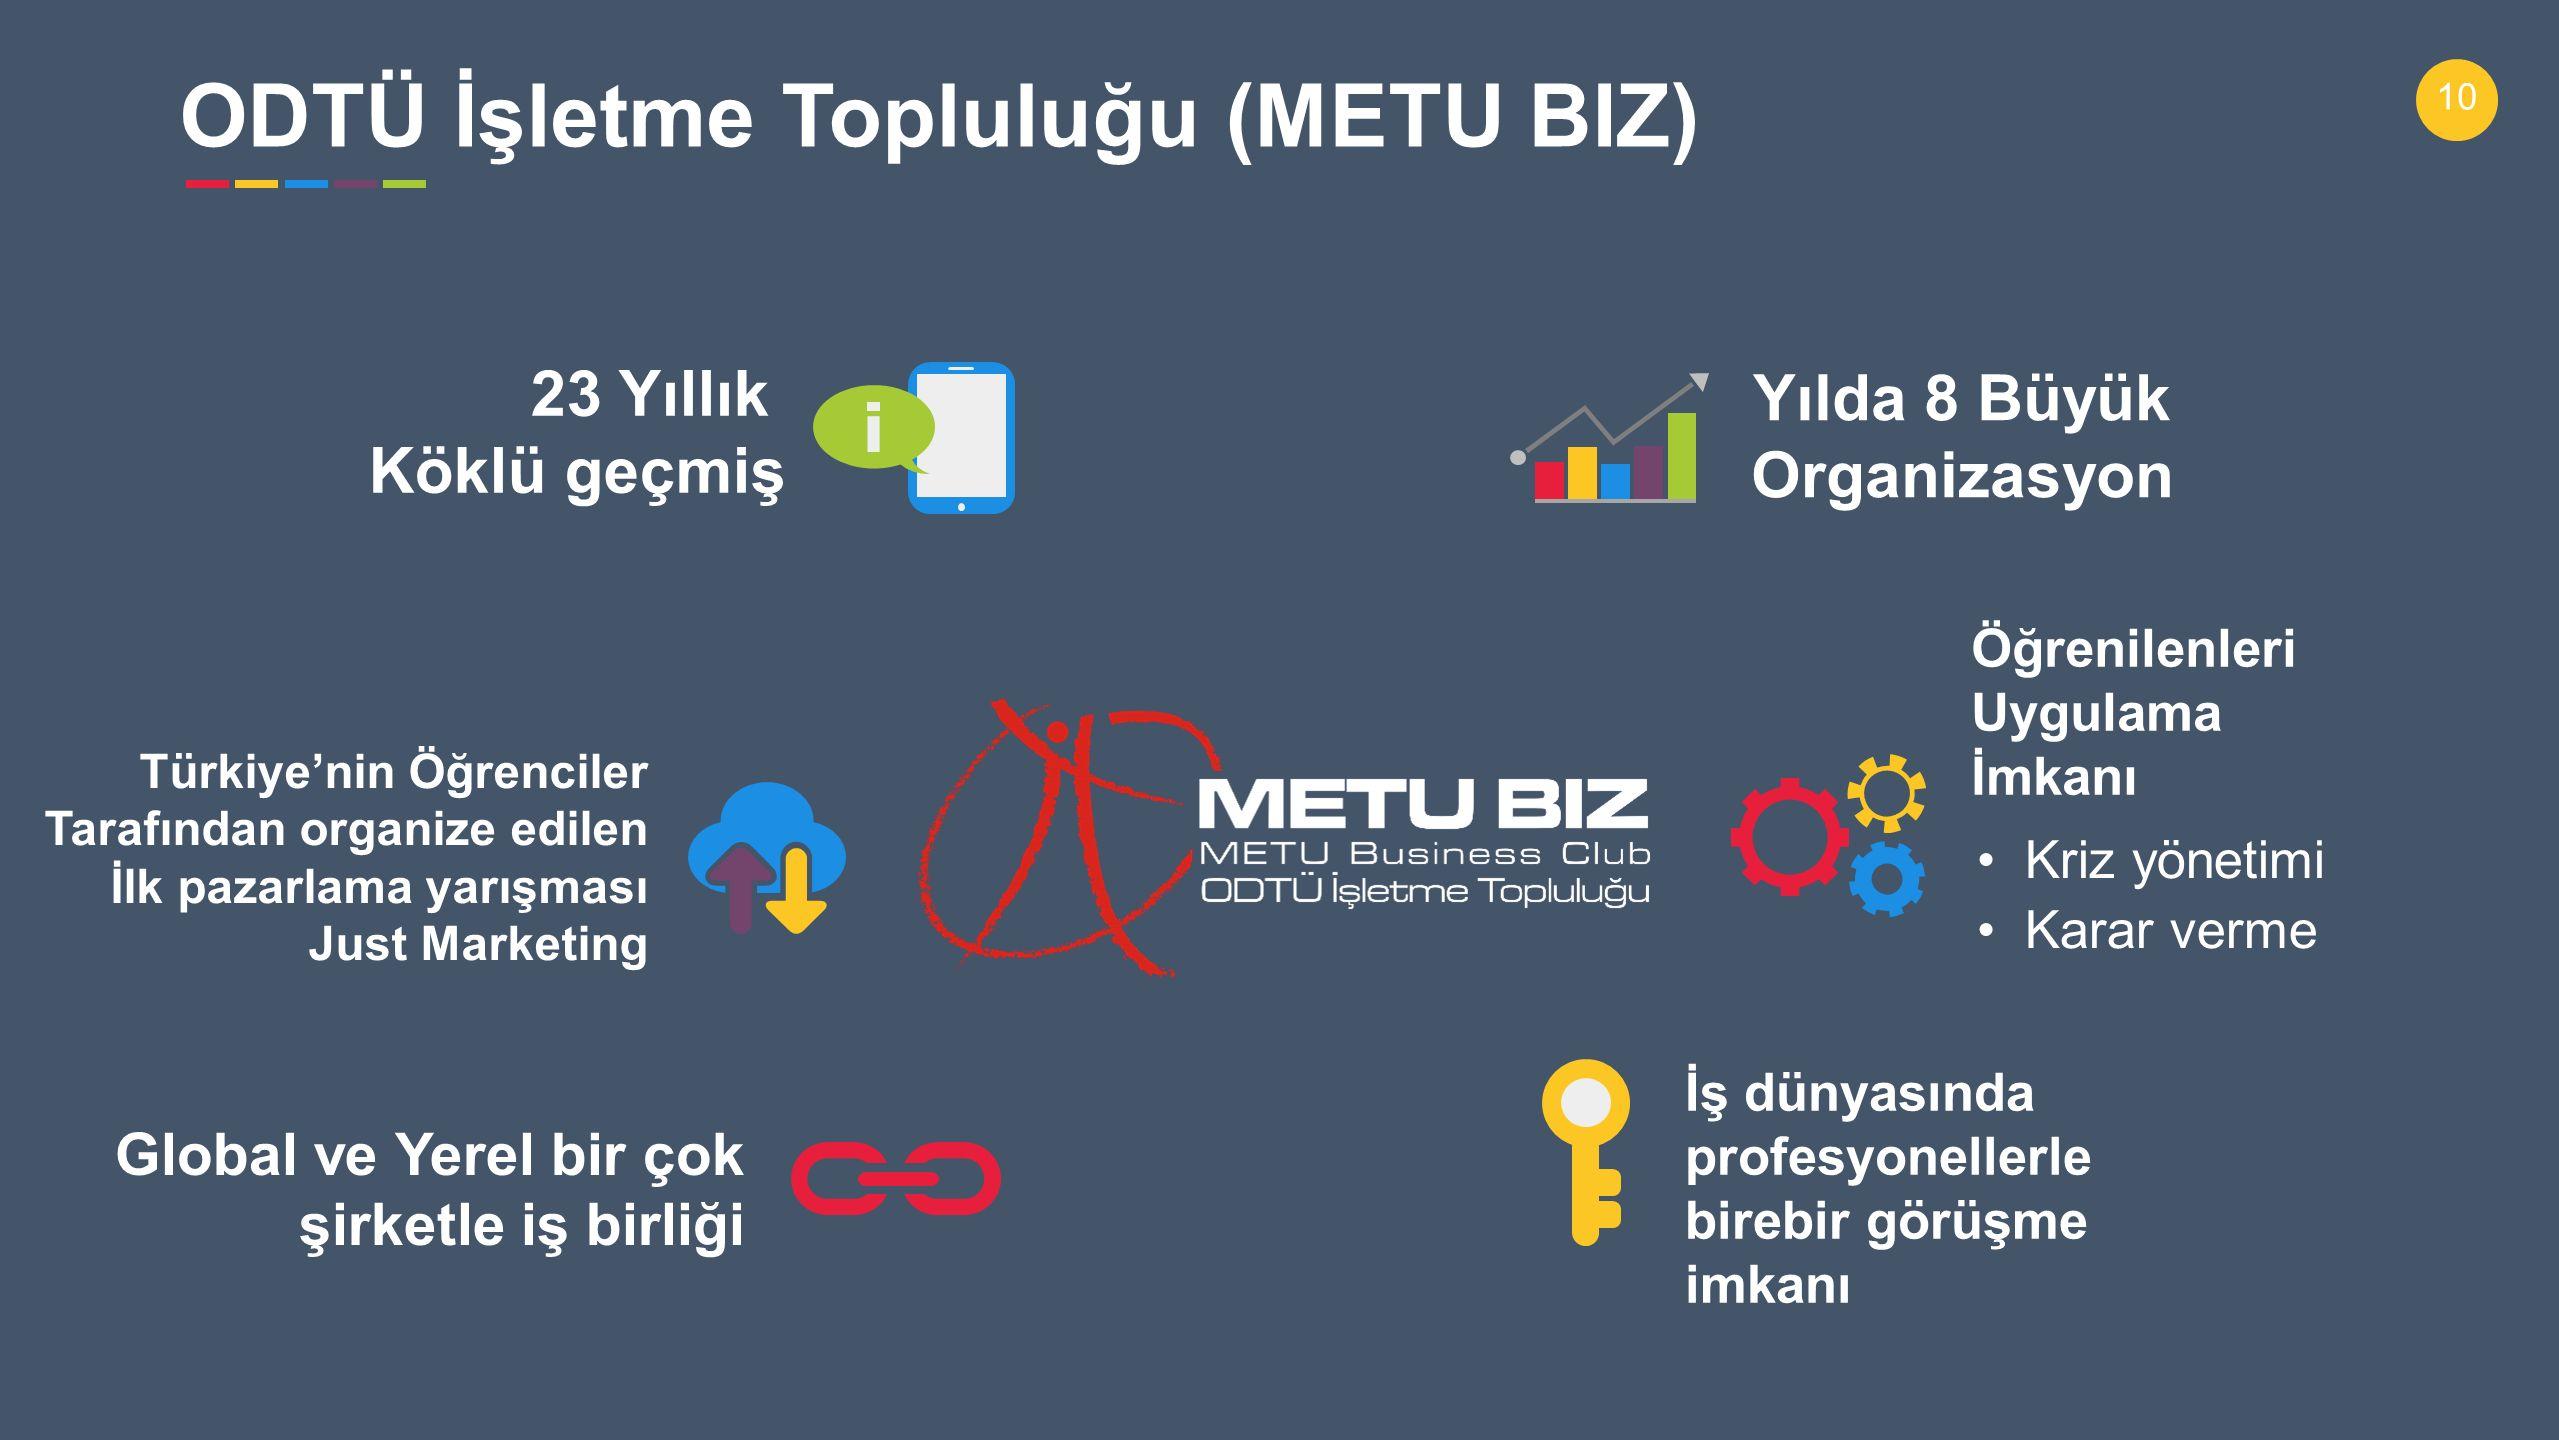 10 23 Yıllık Köklü geçmiş Kriz yönetimi Karar verme Öğrenilenleri Uygulama İmkanı Türkiye'nin Öğrenciler Tarafından organize edilen İlk pazarlama yarışması Just Marketing Global ve Yerel bir çok şirketle iş birliği İş dünyasında profesyonellerle birebir görüşme imkanı Yılda 8 Büyük Organizasyon ODTÜ İşletme Topluluğu (METU BIZ)